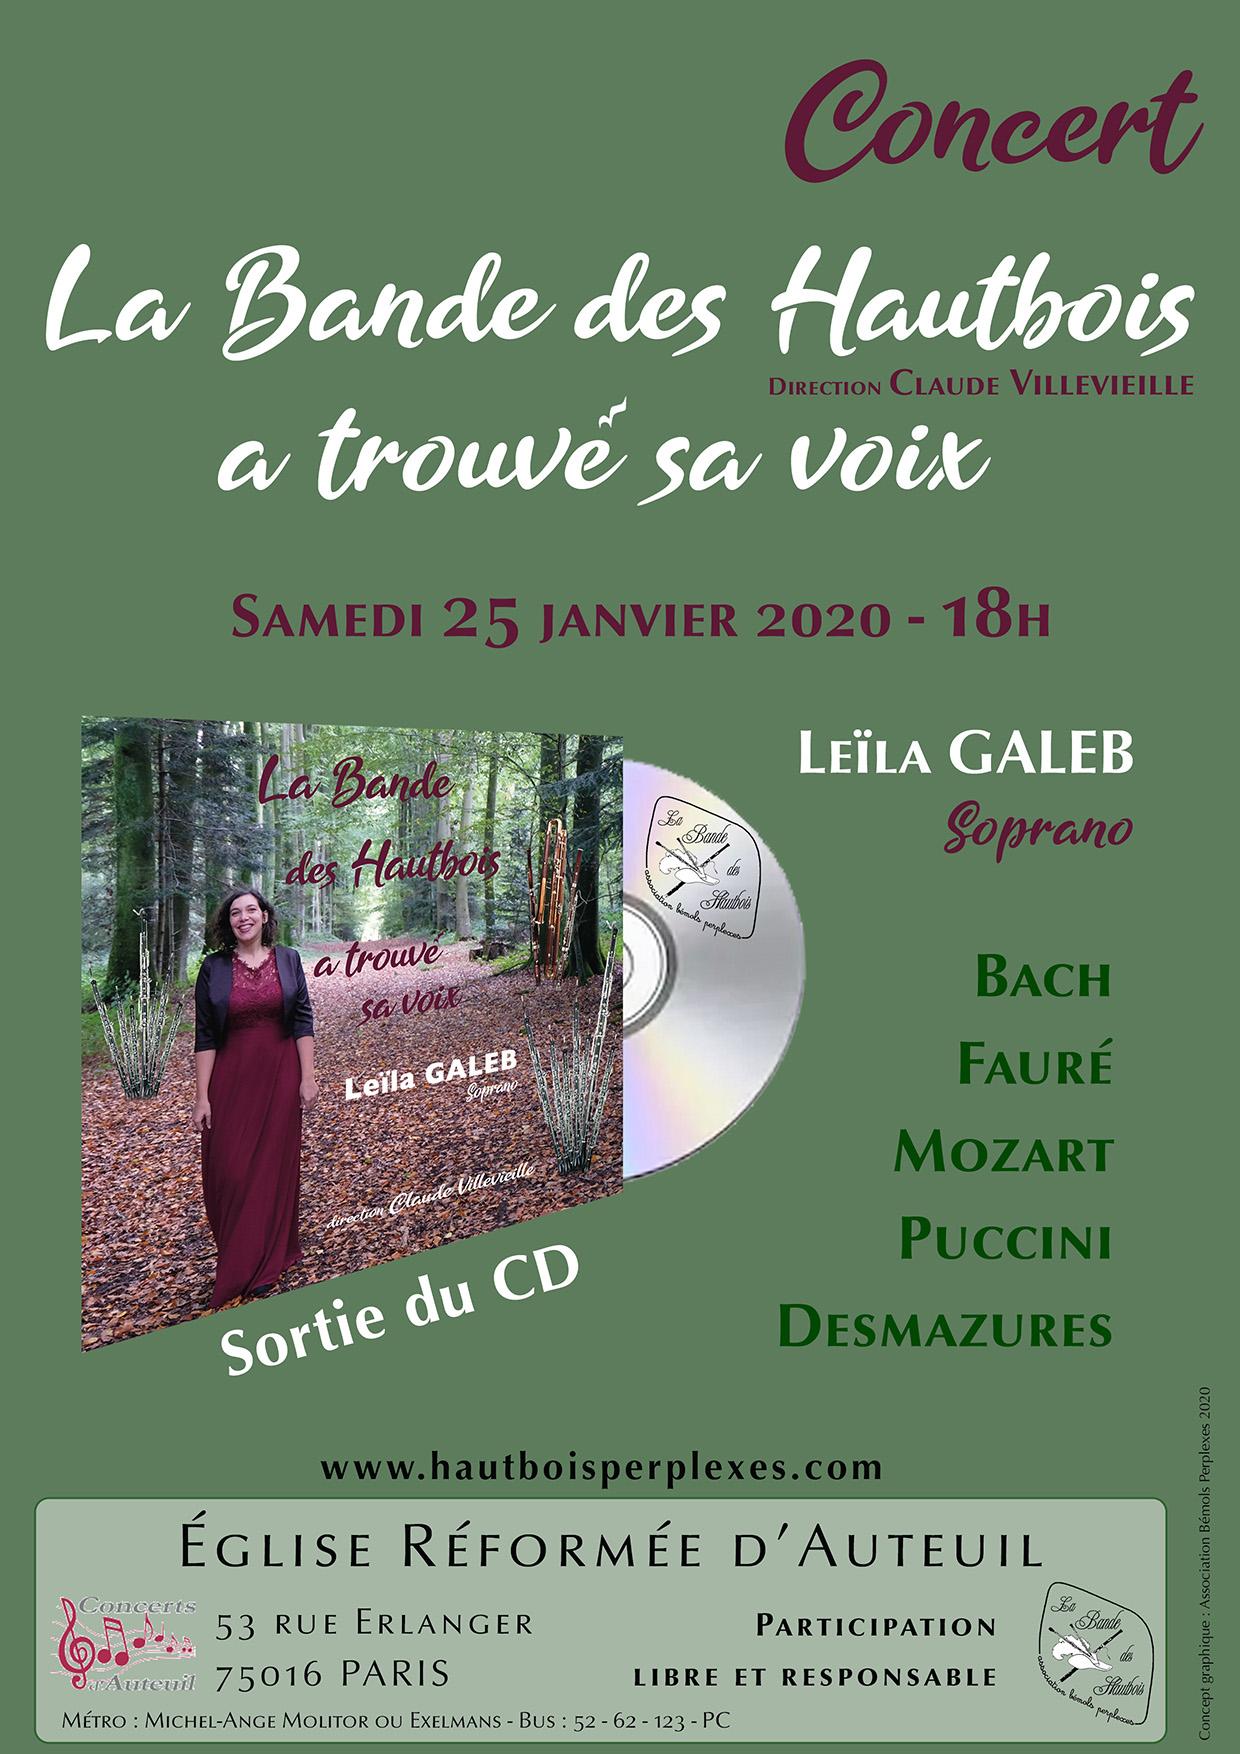 Concert de la Bande des Hautbois les 25 et 26 janvier